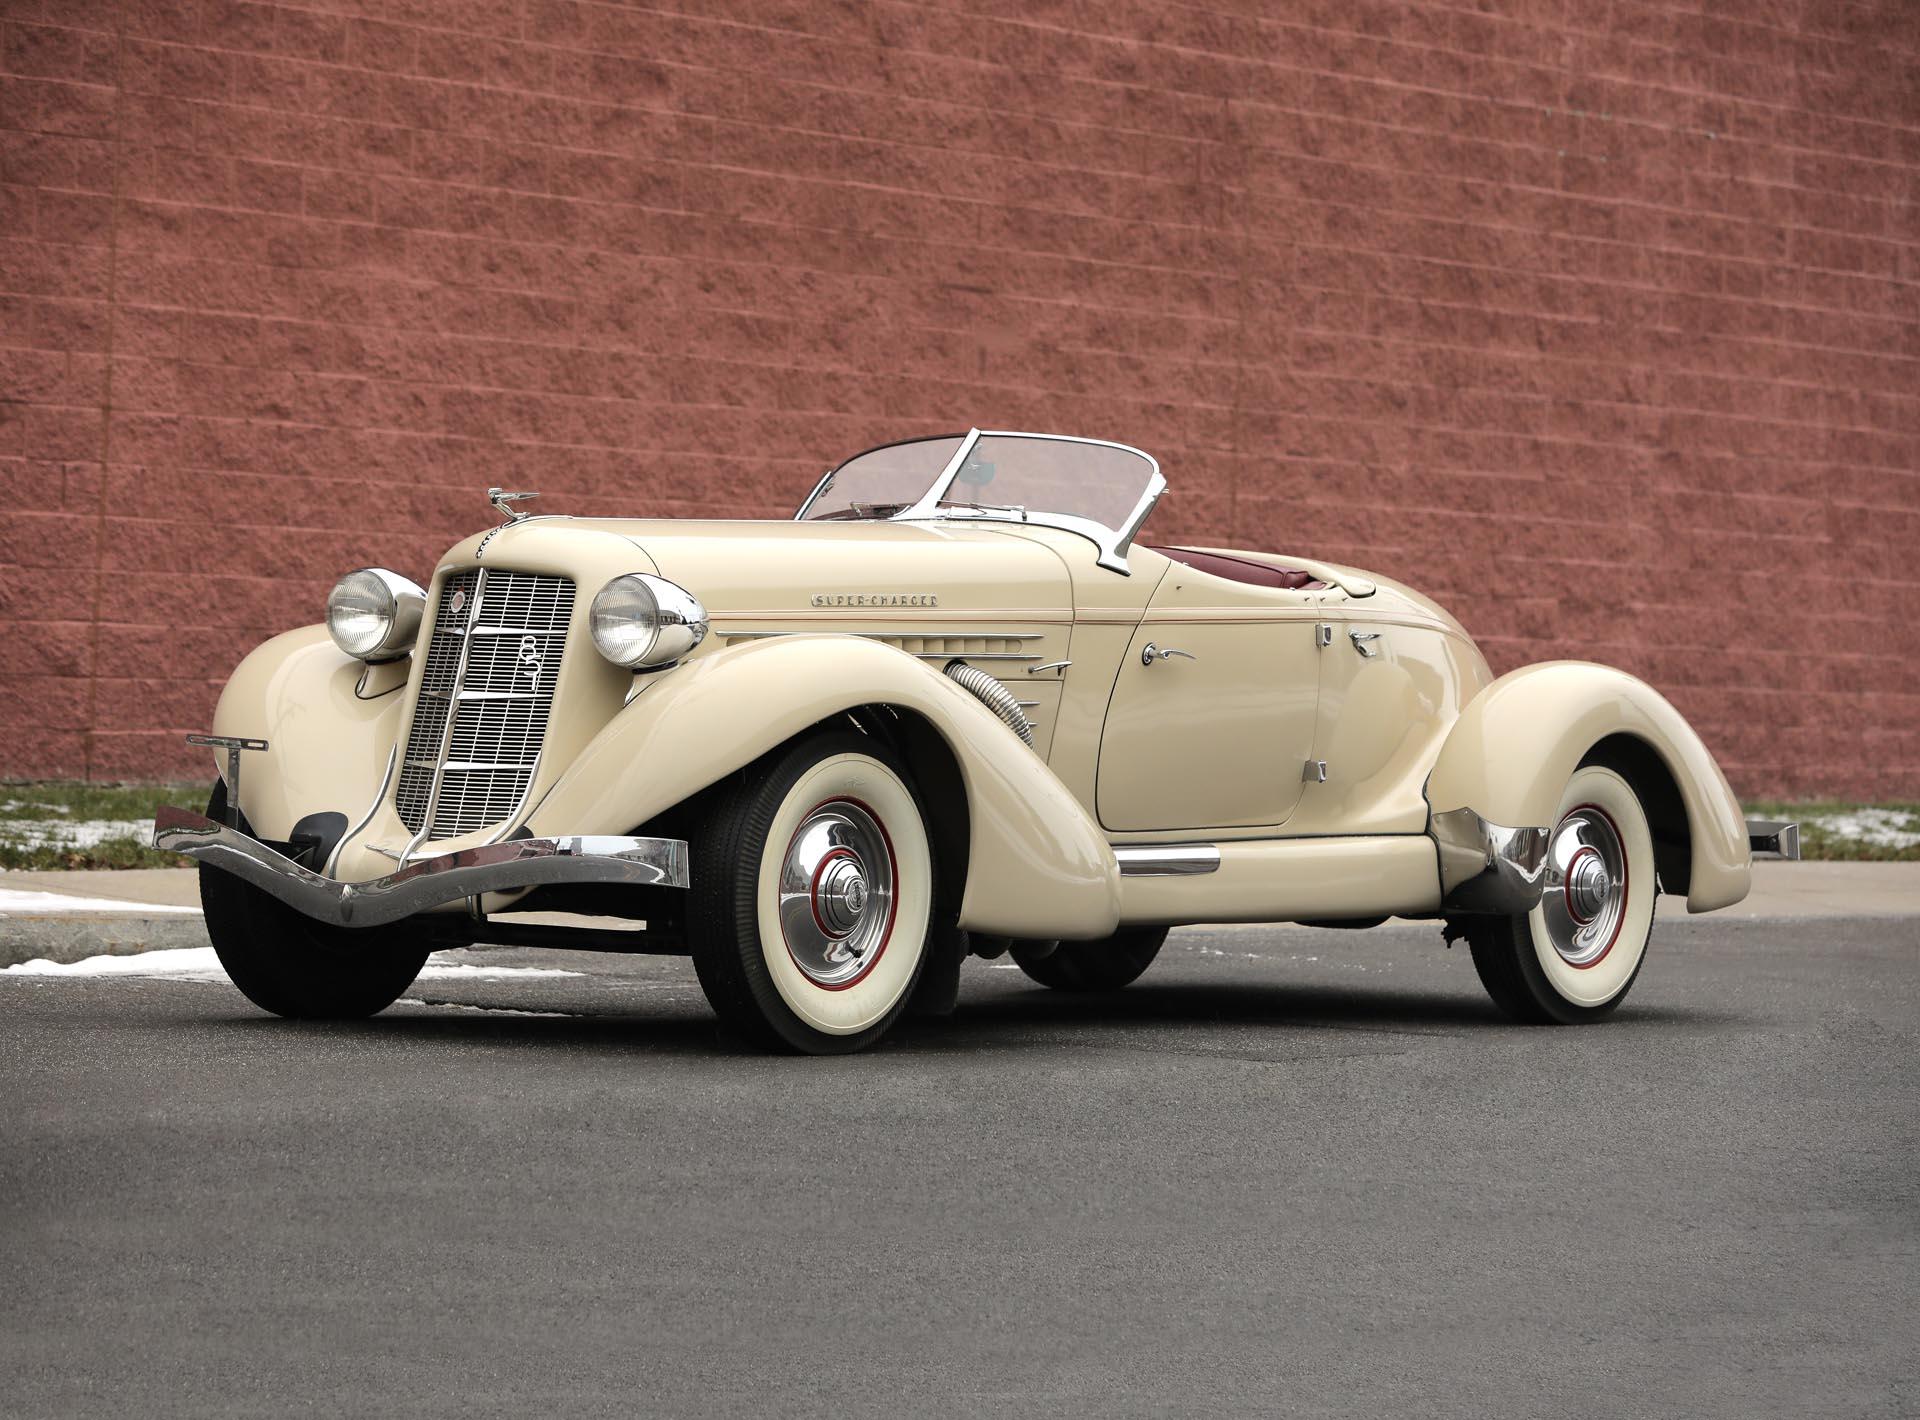 1935 Auburn 851 Supercharged Speedster tan 3/4